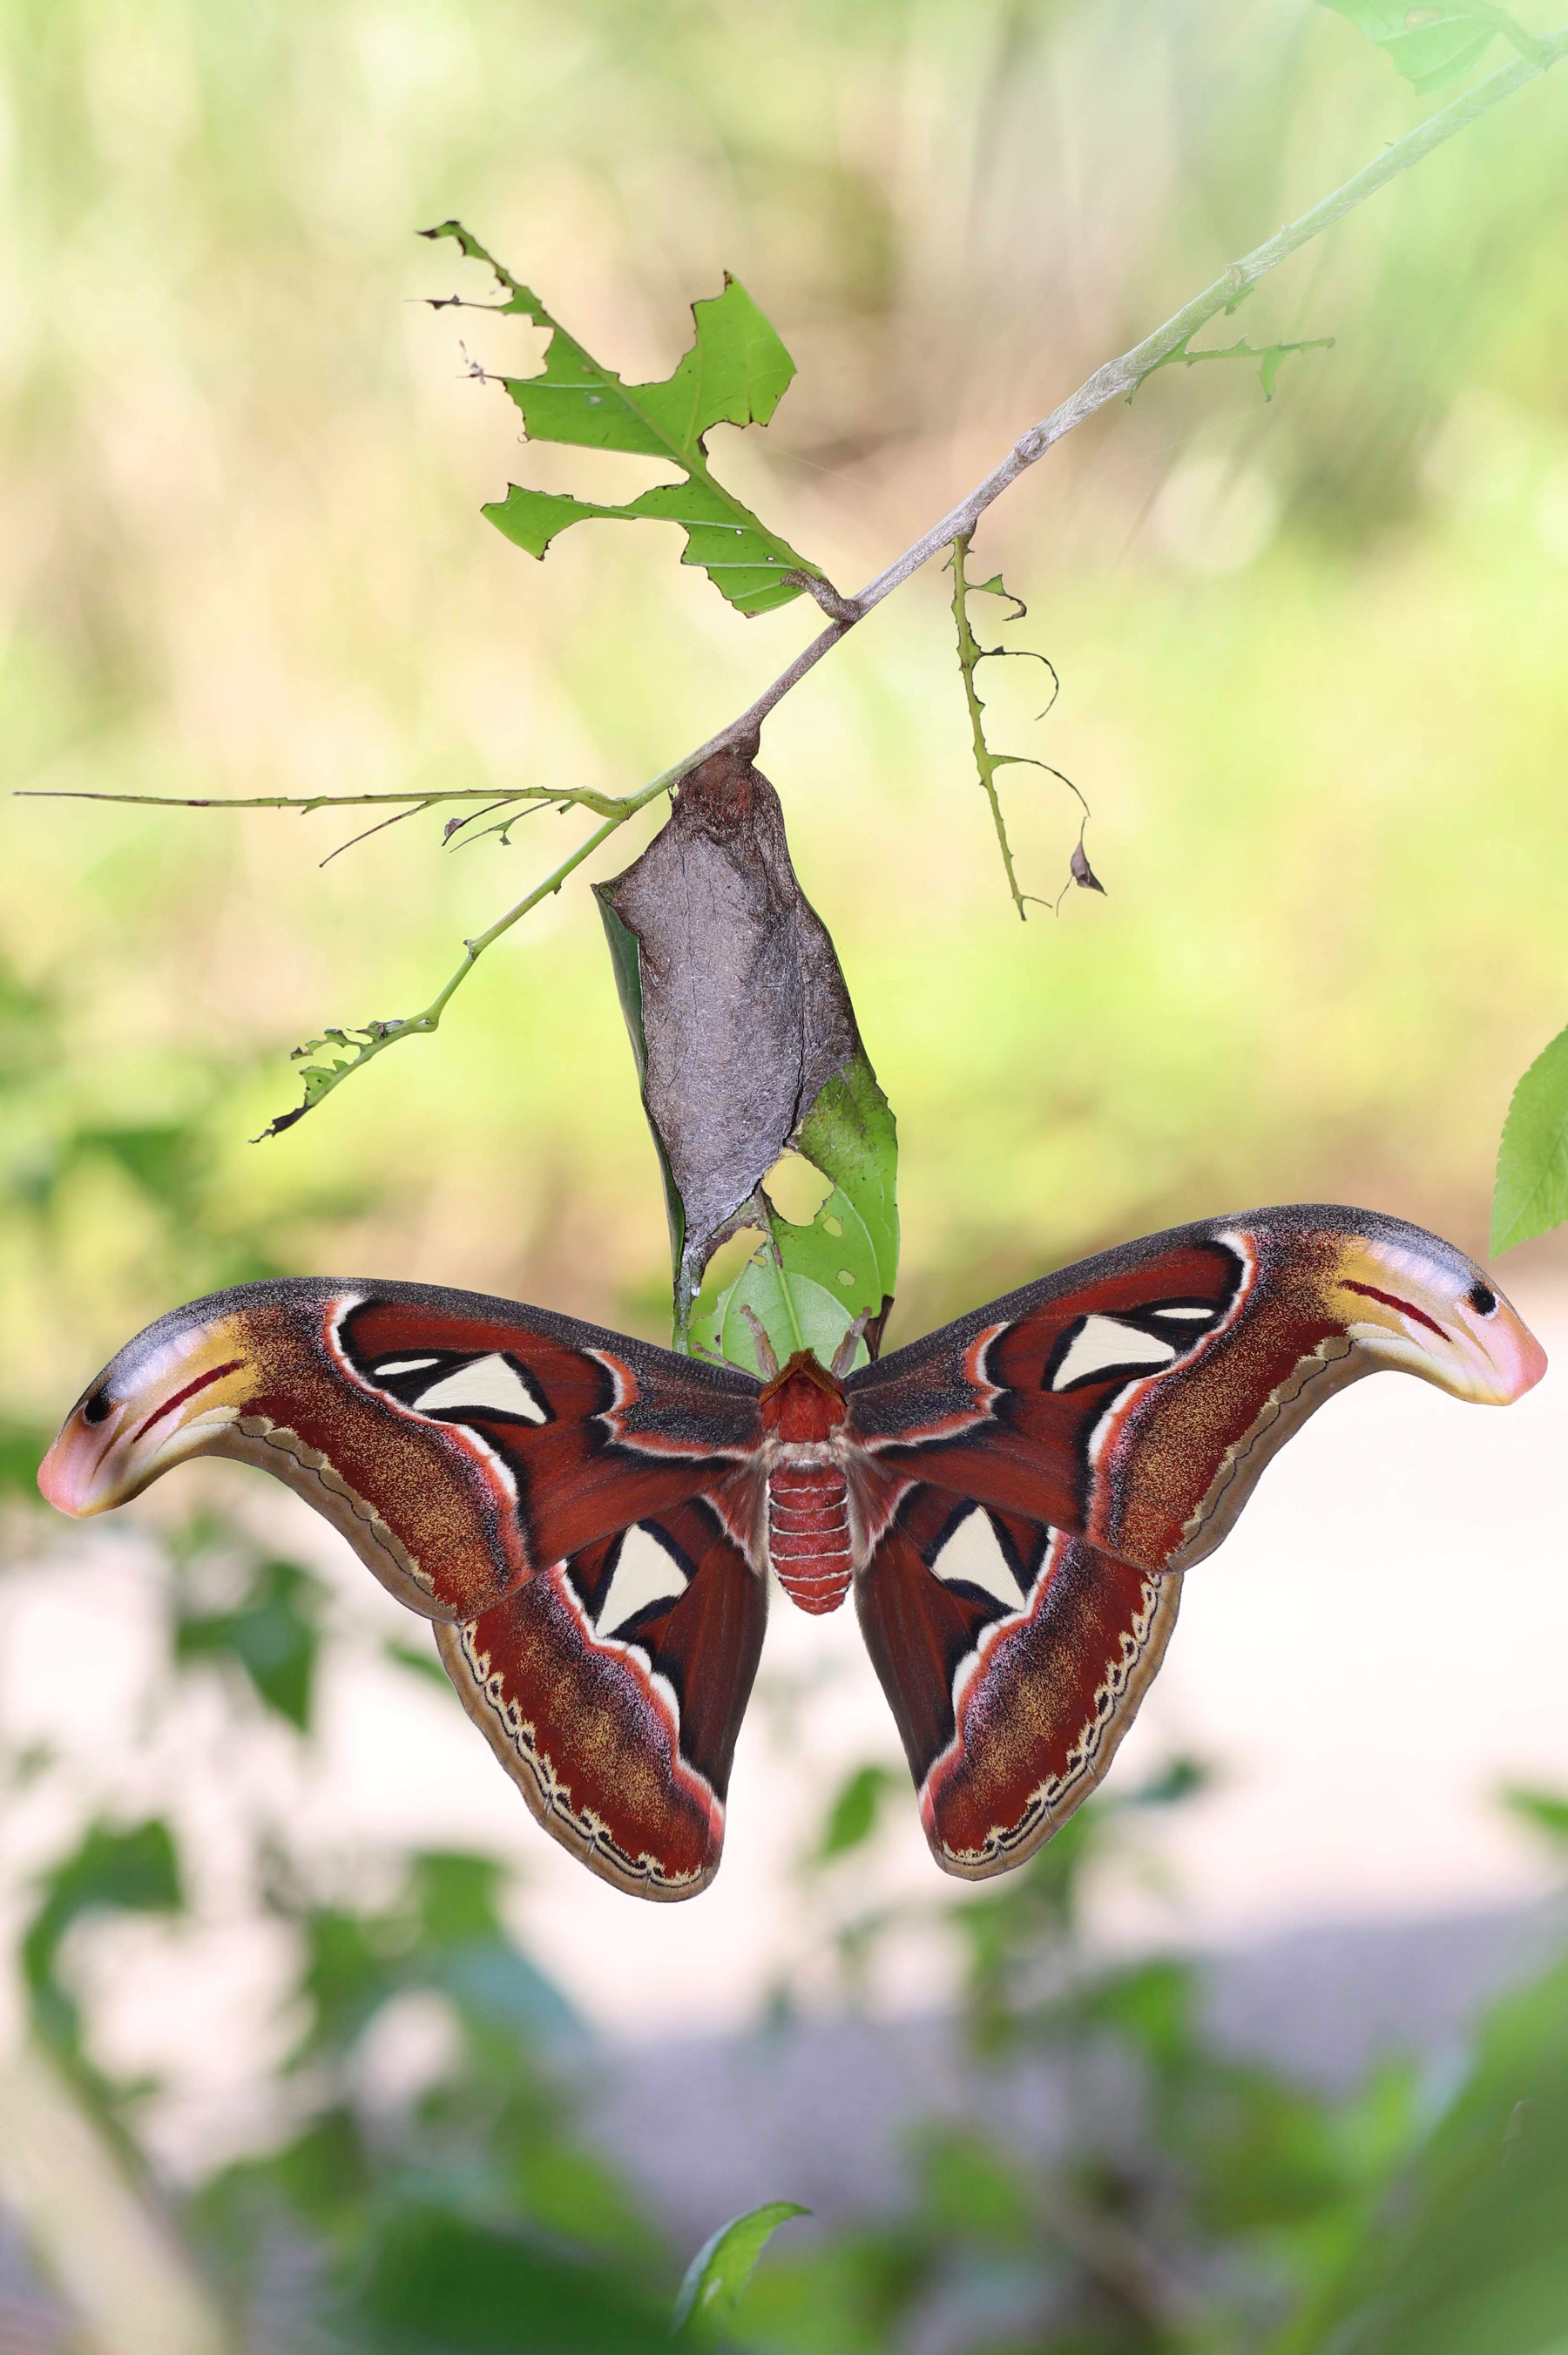 ヨナグニサン Attacus atlas ryukyuensis